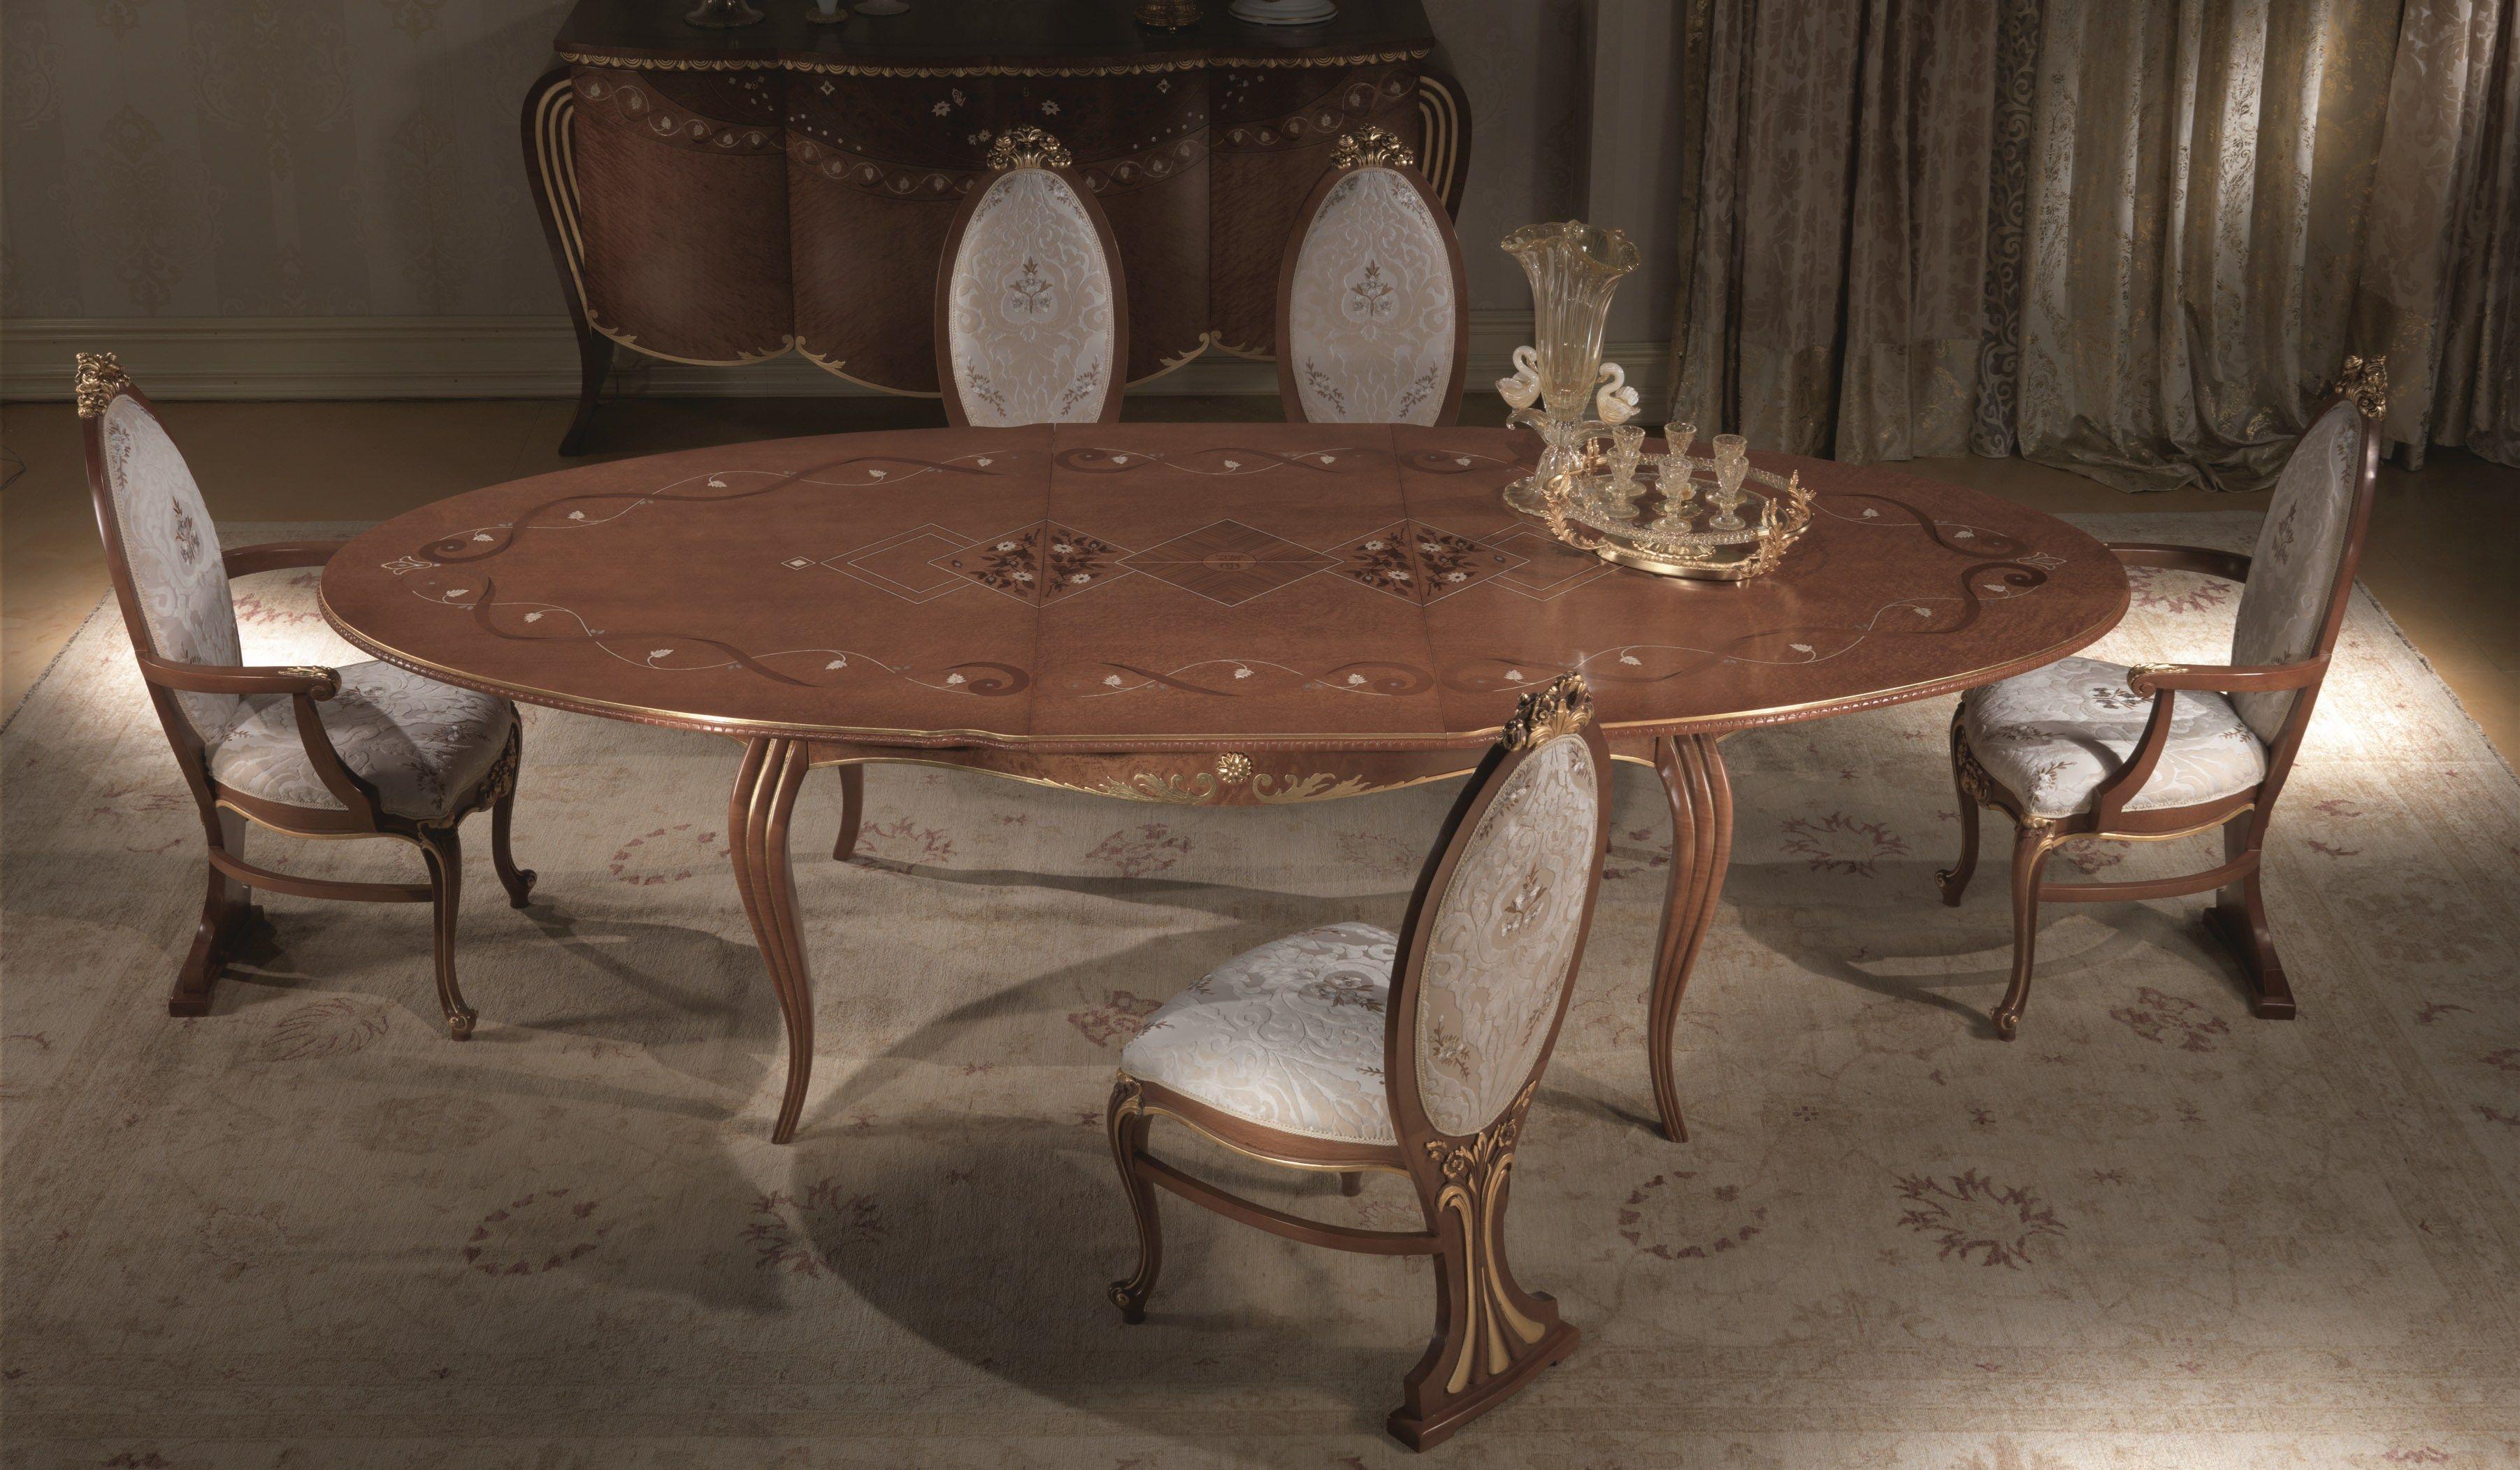 Vanity tavolo allungabile by carpanelli classic for Tavolo ovale allungabile legno massello